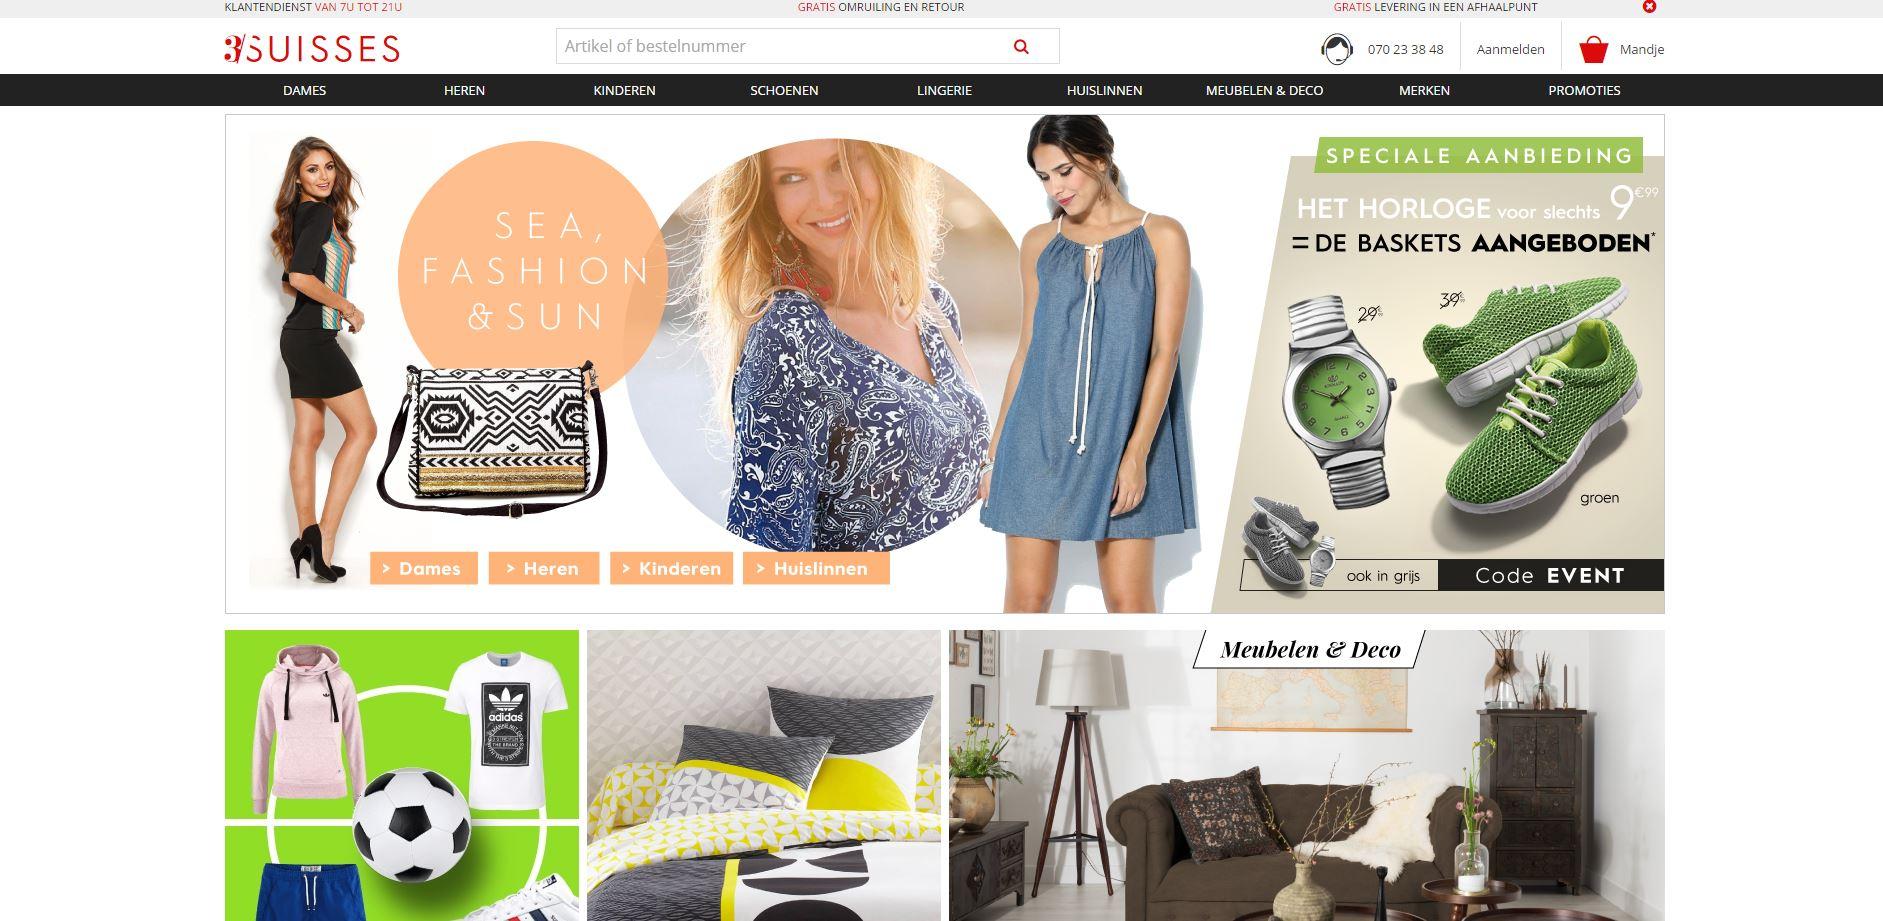 online shoppen doe je bij deze webshops scotty. Black Bedroom Furniture Sets. Home Design Ideas